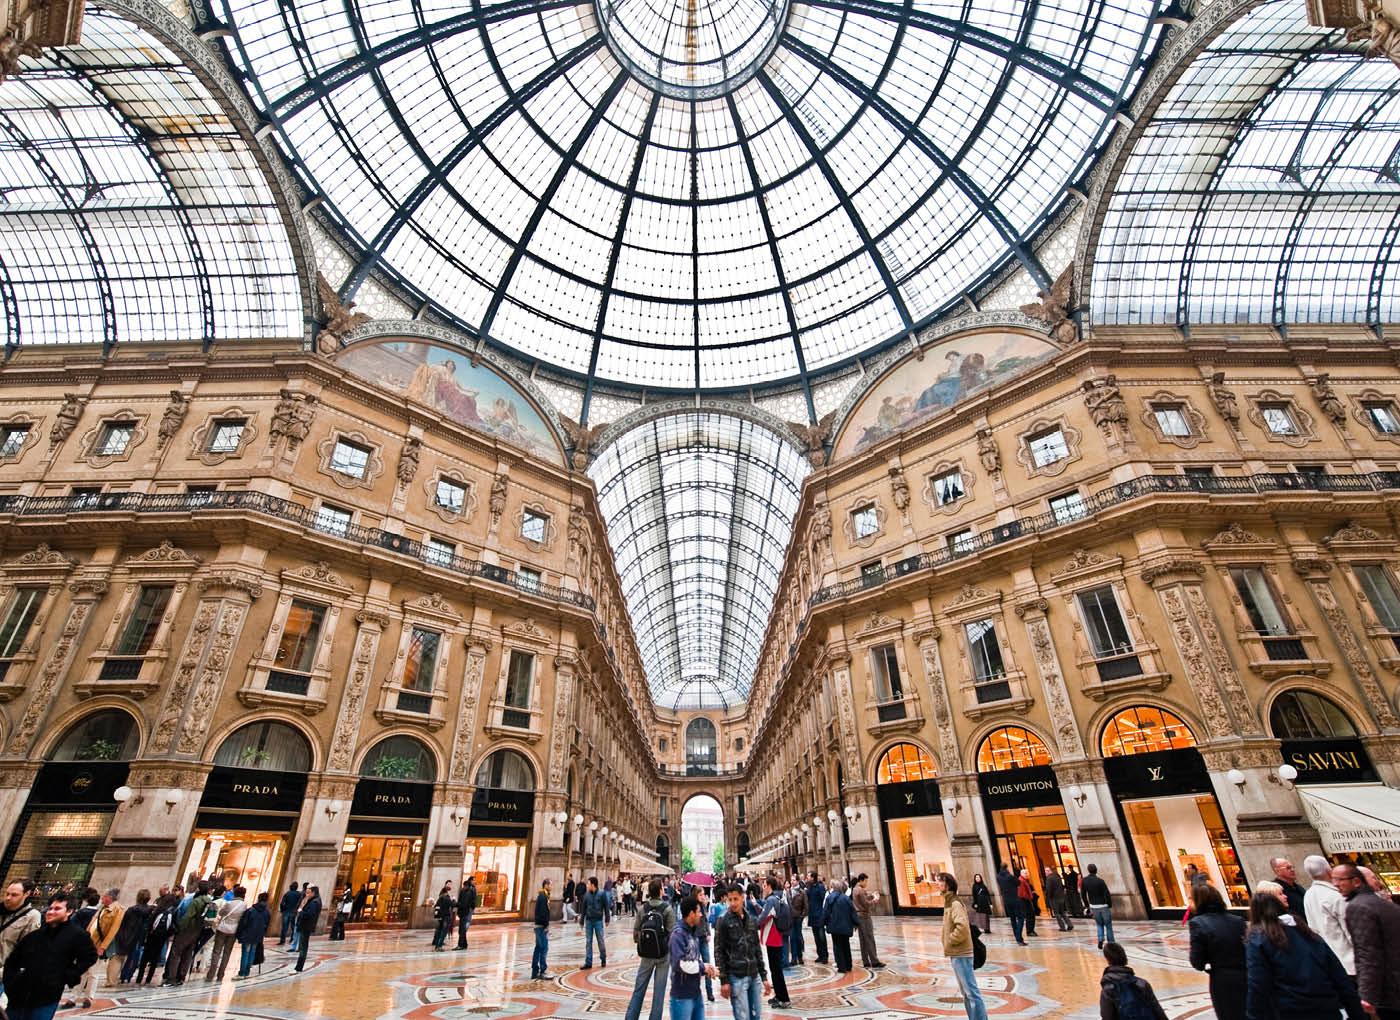 """Galleria V. Emanuele (MI): """"Autogrill Store"""", """"Seven Stars Galleria"""" e """"I Dodici Gatti"""""""